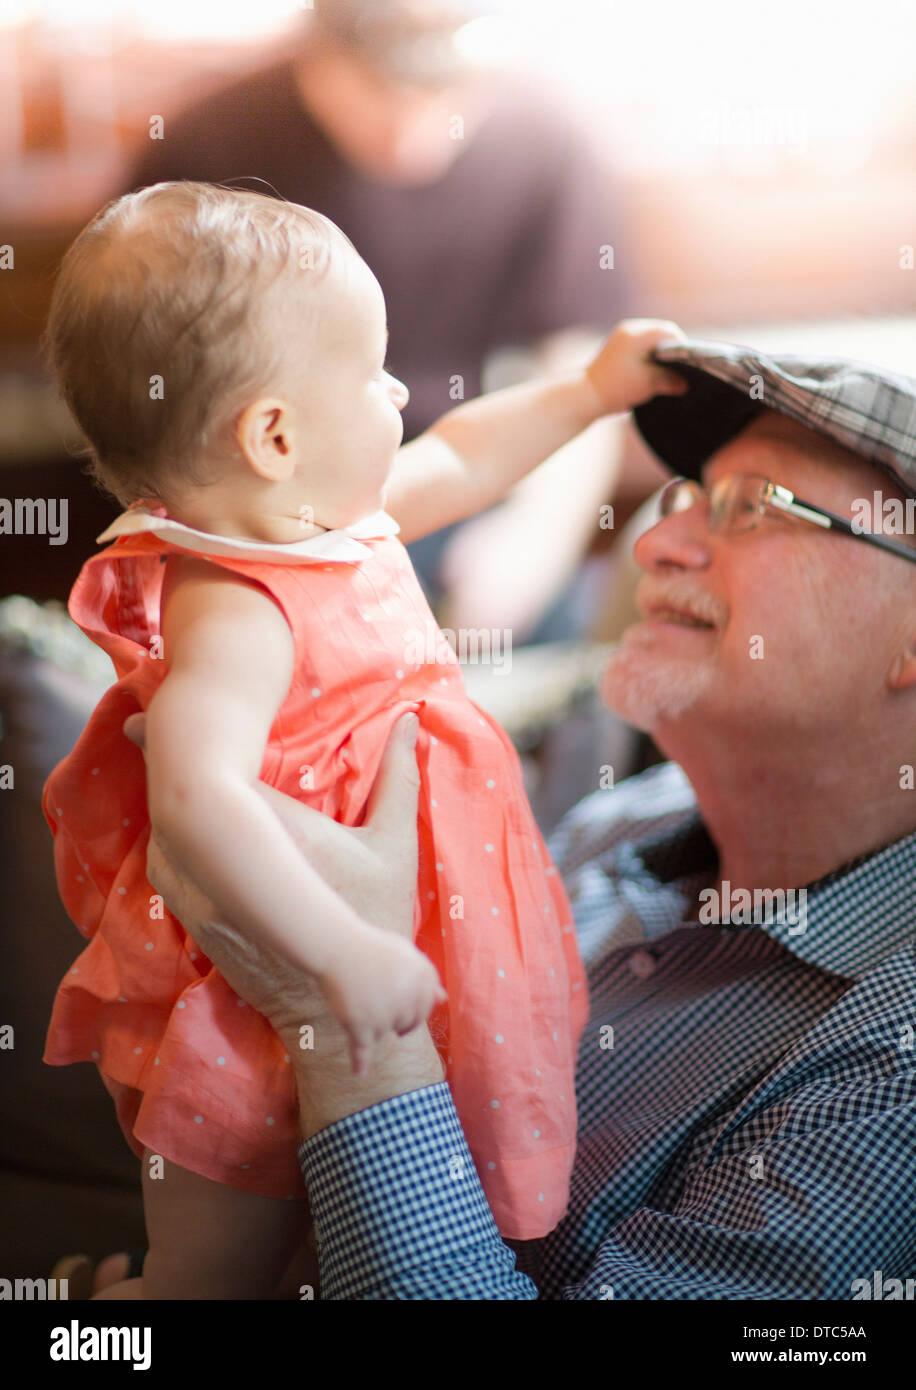 Celebración del abuelo nieta Imagen De Stock